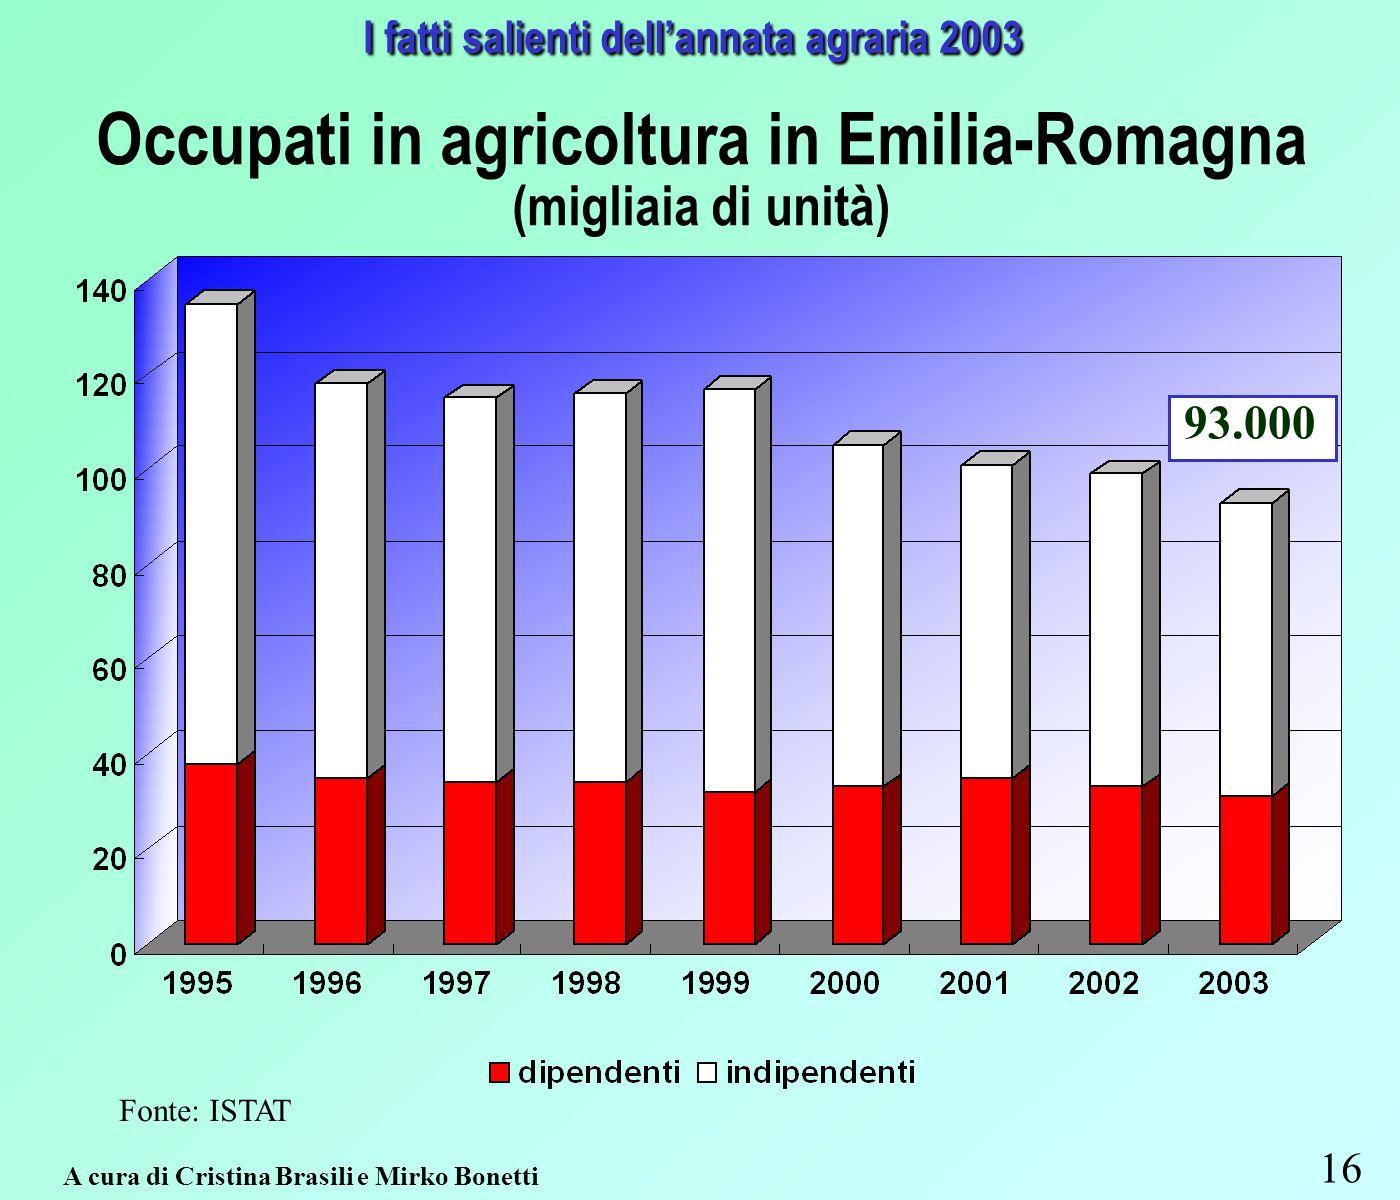 16 A cura di Cristina Brasili e Mirko Bonetti I fatti salienti dellannata agraria 2003 Occupati in agricoltura in Emilia-Romagna (migliaia di unità) Fonte: ISTAT 93.000